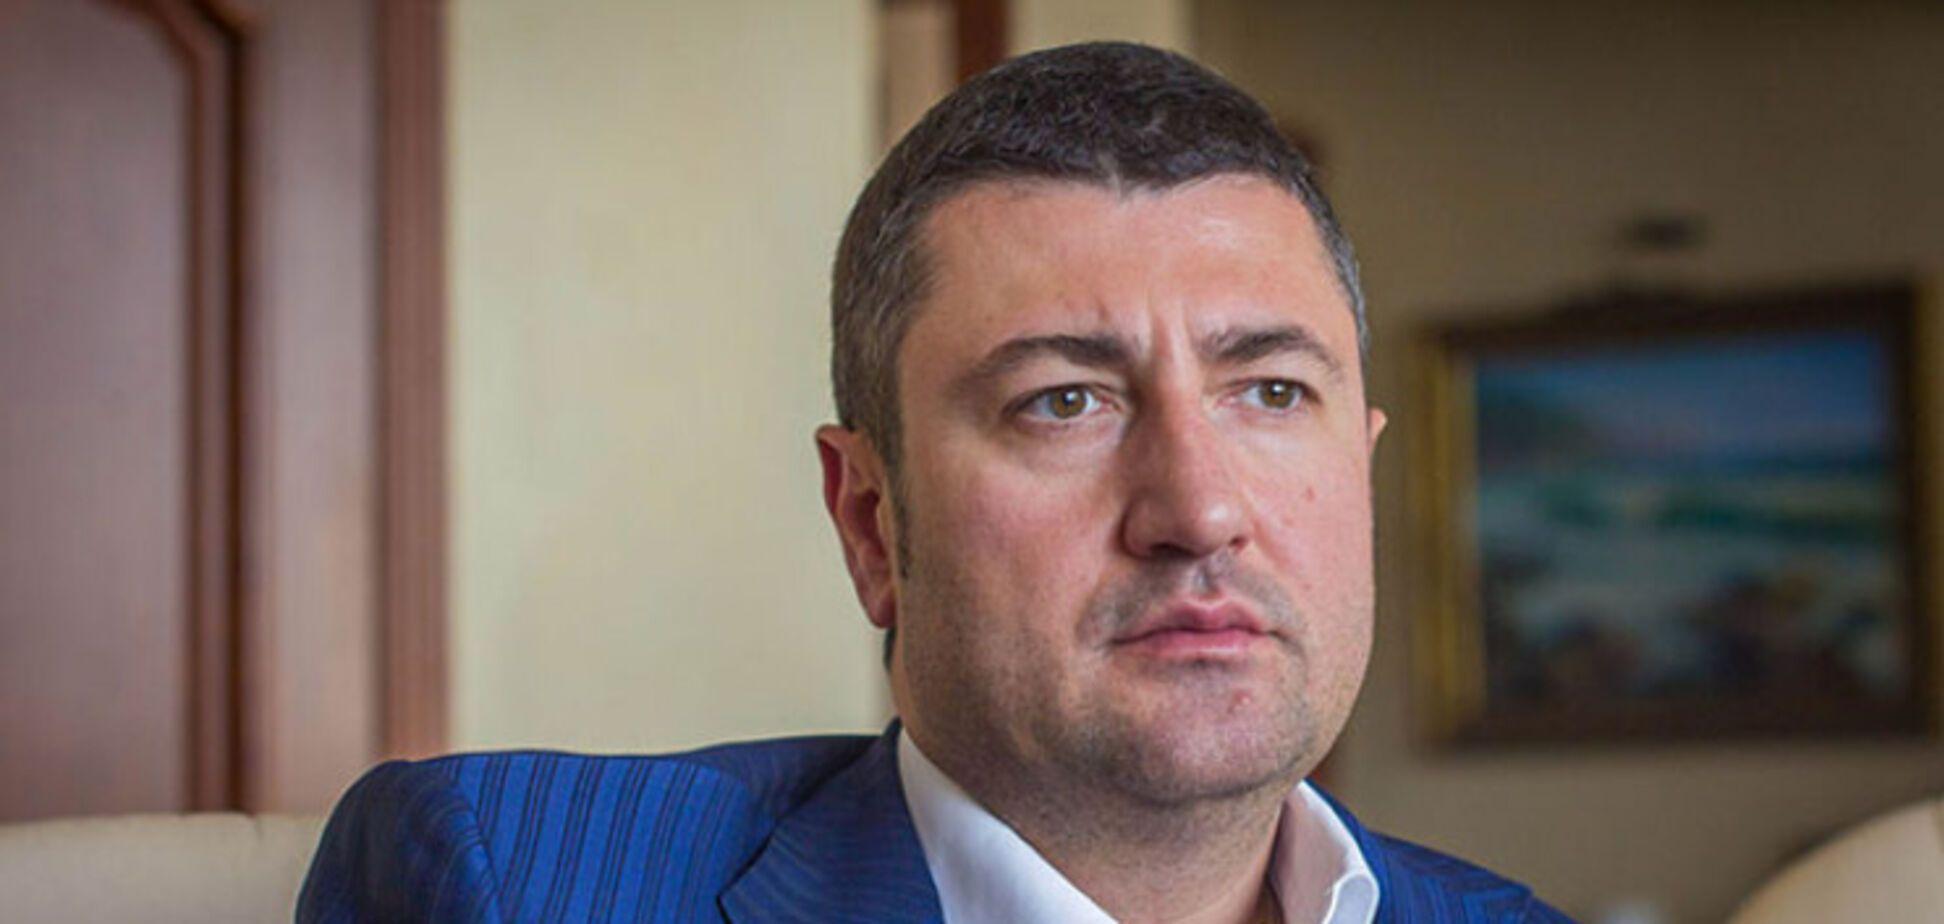 Бахматюк рассказал, что не является олигархом, ведь не имеет интересов в политике